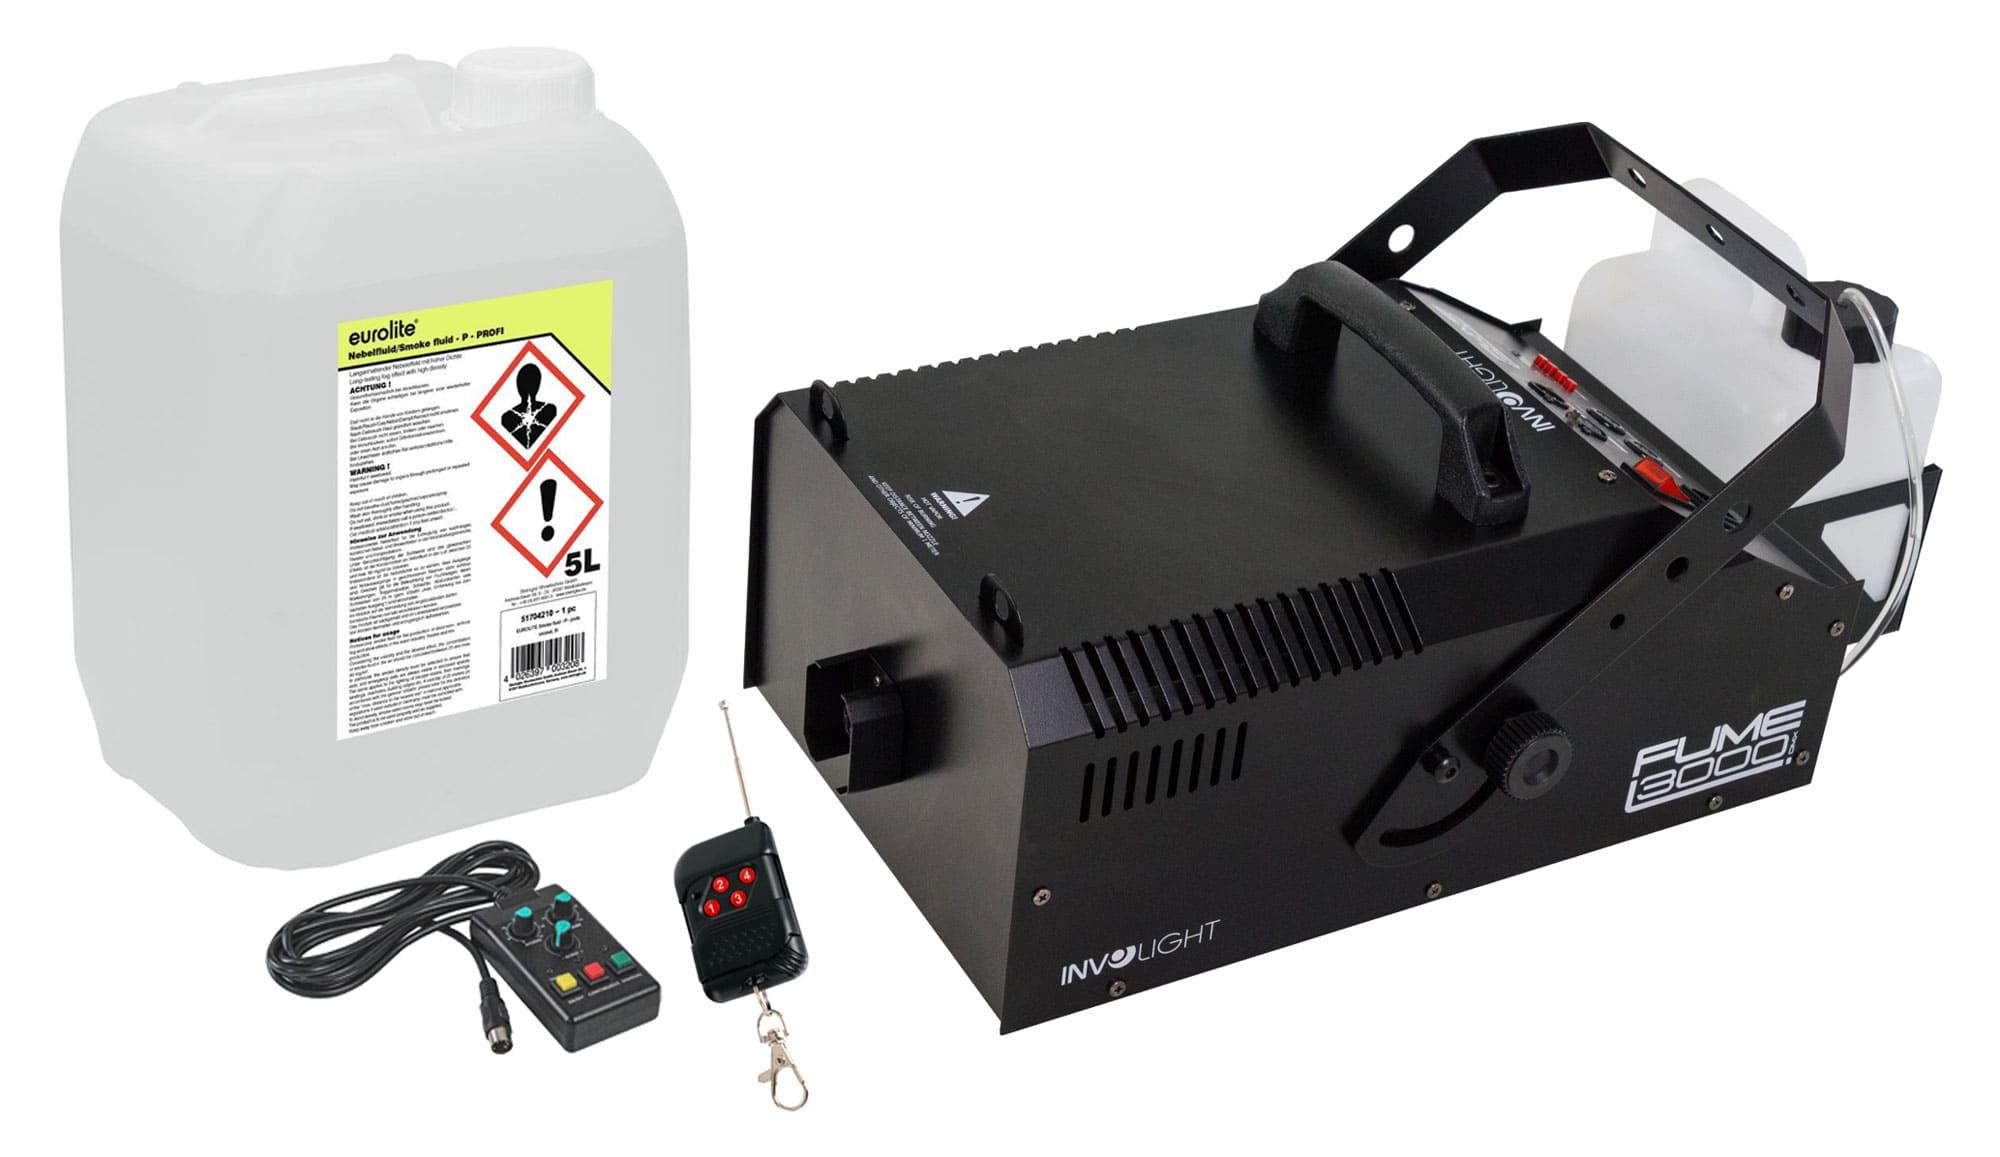 Nebeleffekte - Involight Fume 3000 DMX Nebelmaschinen D 800 Set inkl. Smoke Fluid, 5L - Onlineshop Musikhaus Kirstein